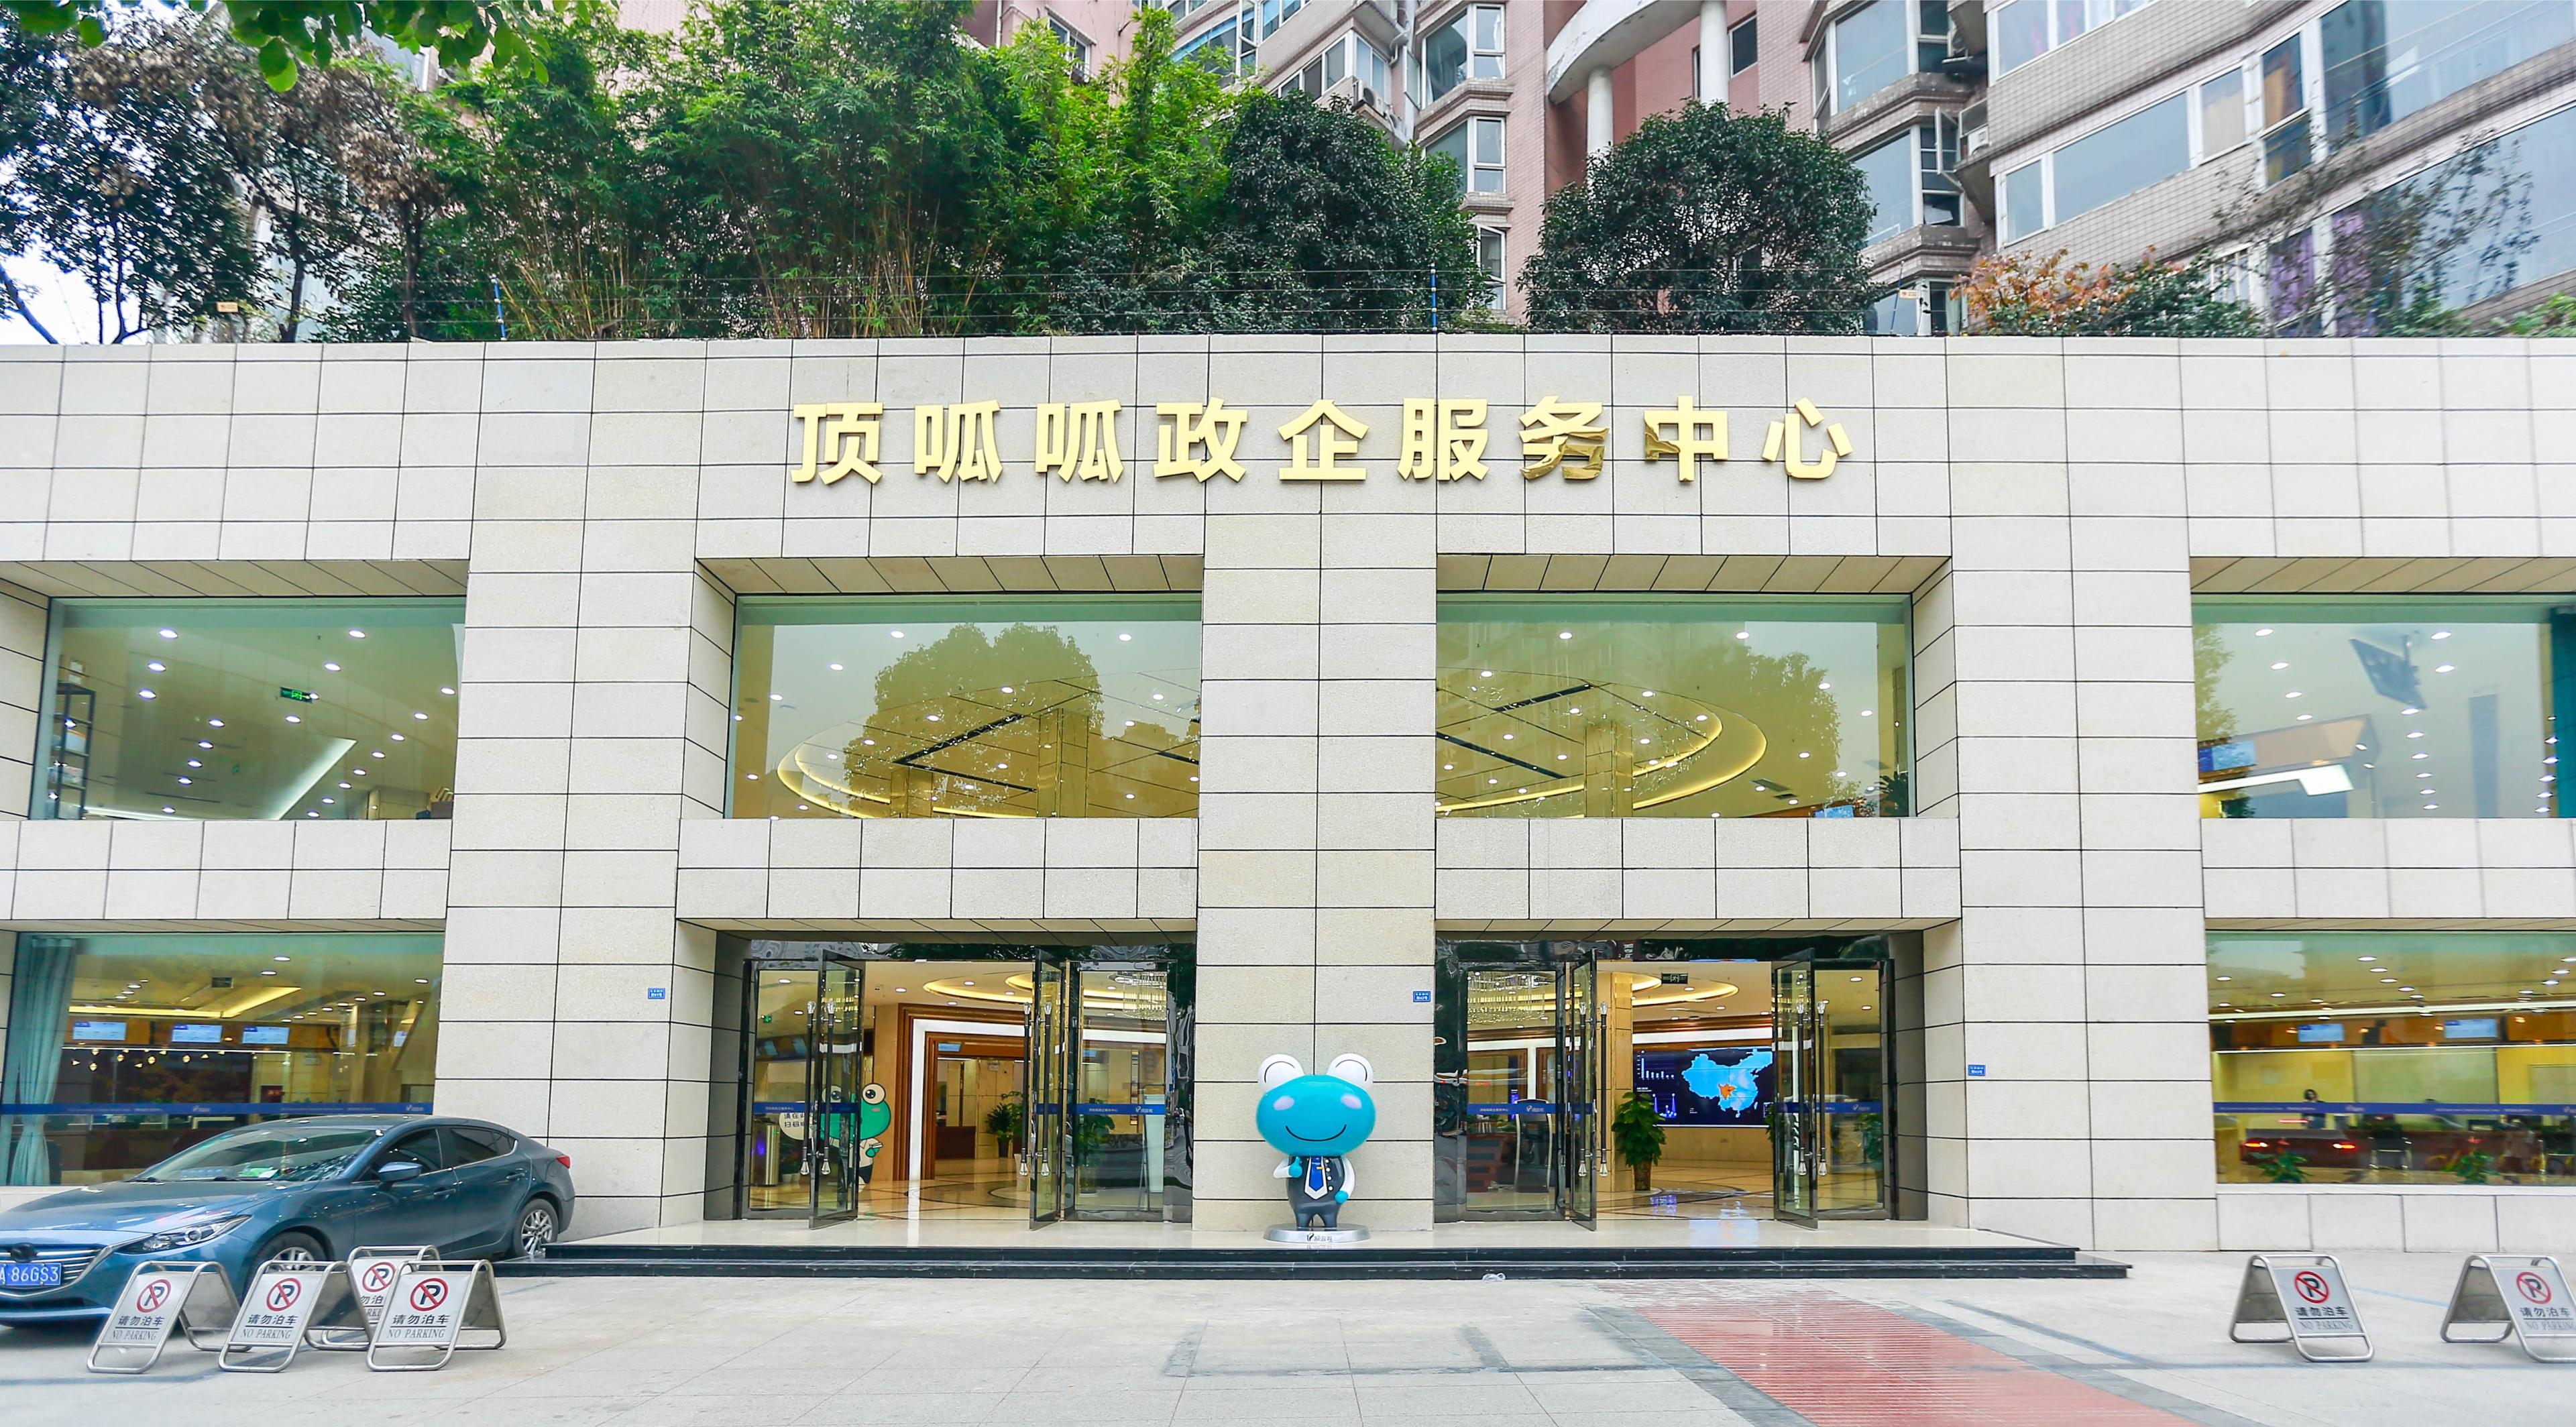 打破傳統樓宇服務模式 頂呱呱與高新區桂溪街道辦達成合作